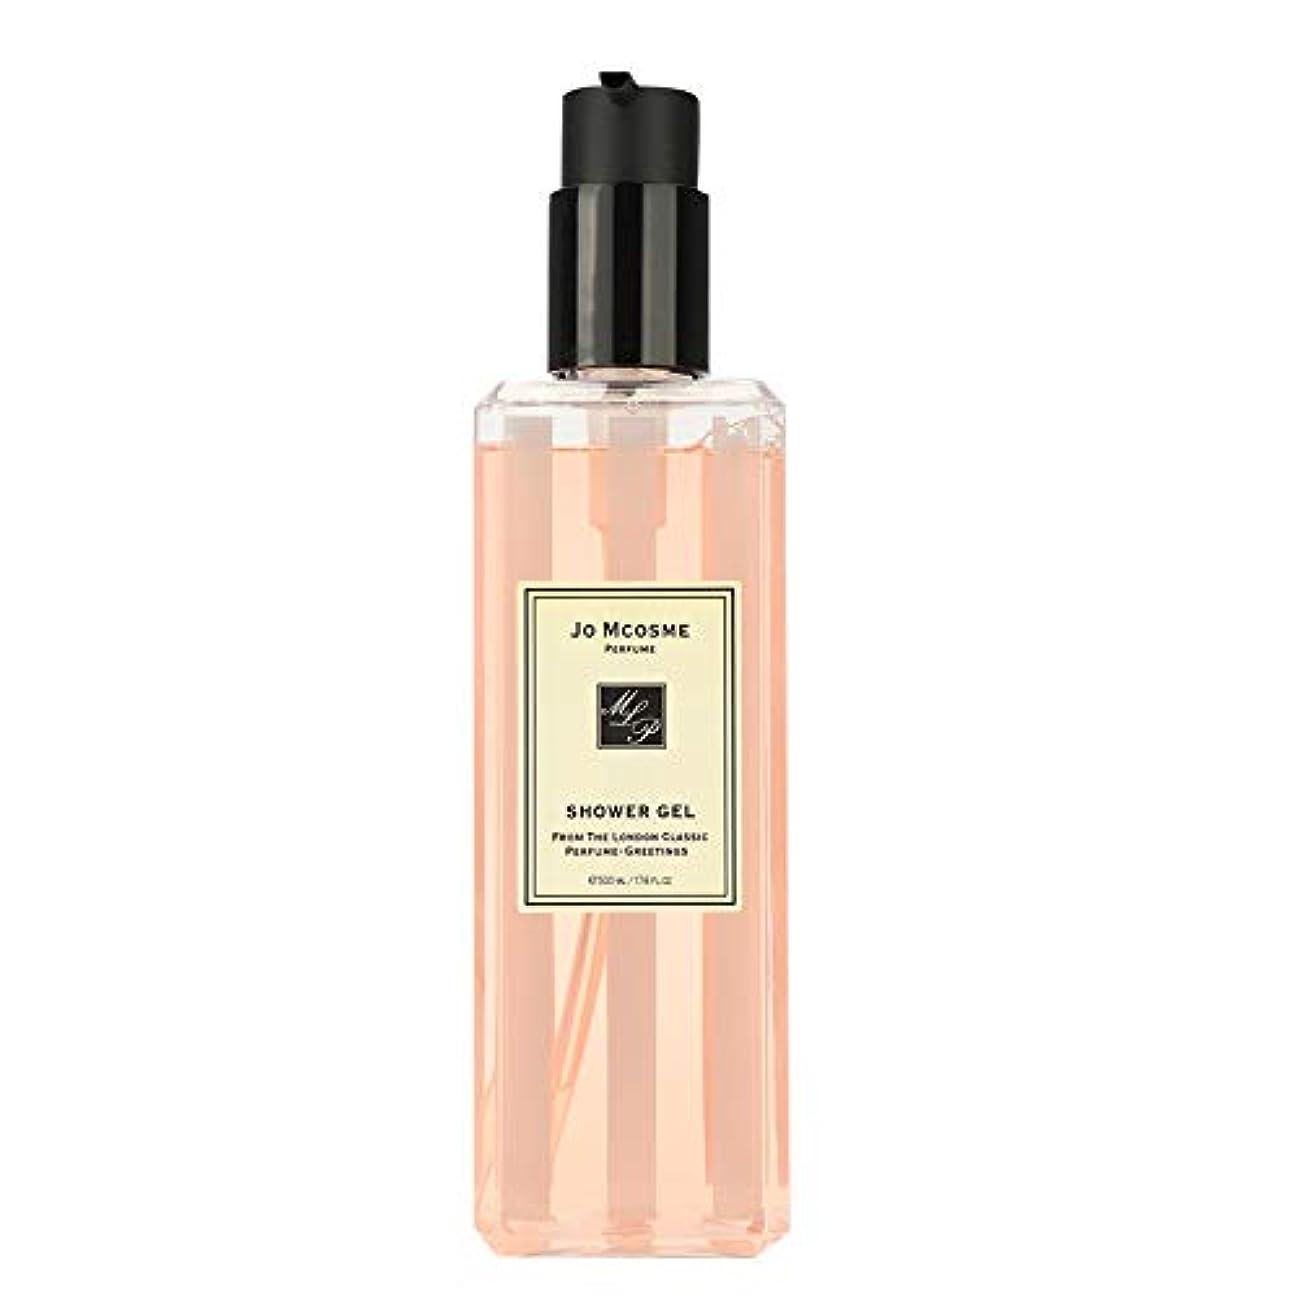 商業の計画的主にシャワージェル500lmスキンケア香水シャワージェルスムージングボディウォッシュハイドレイティングテンダースキンシャンプー